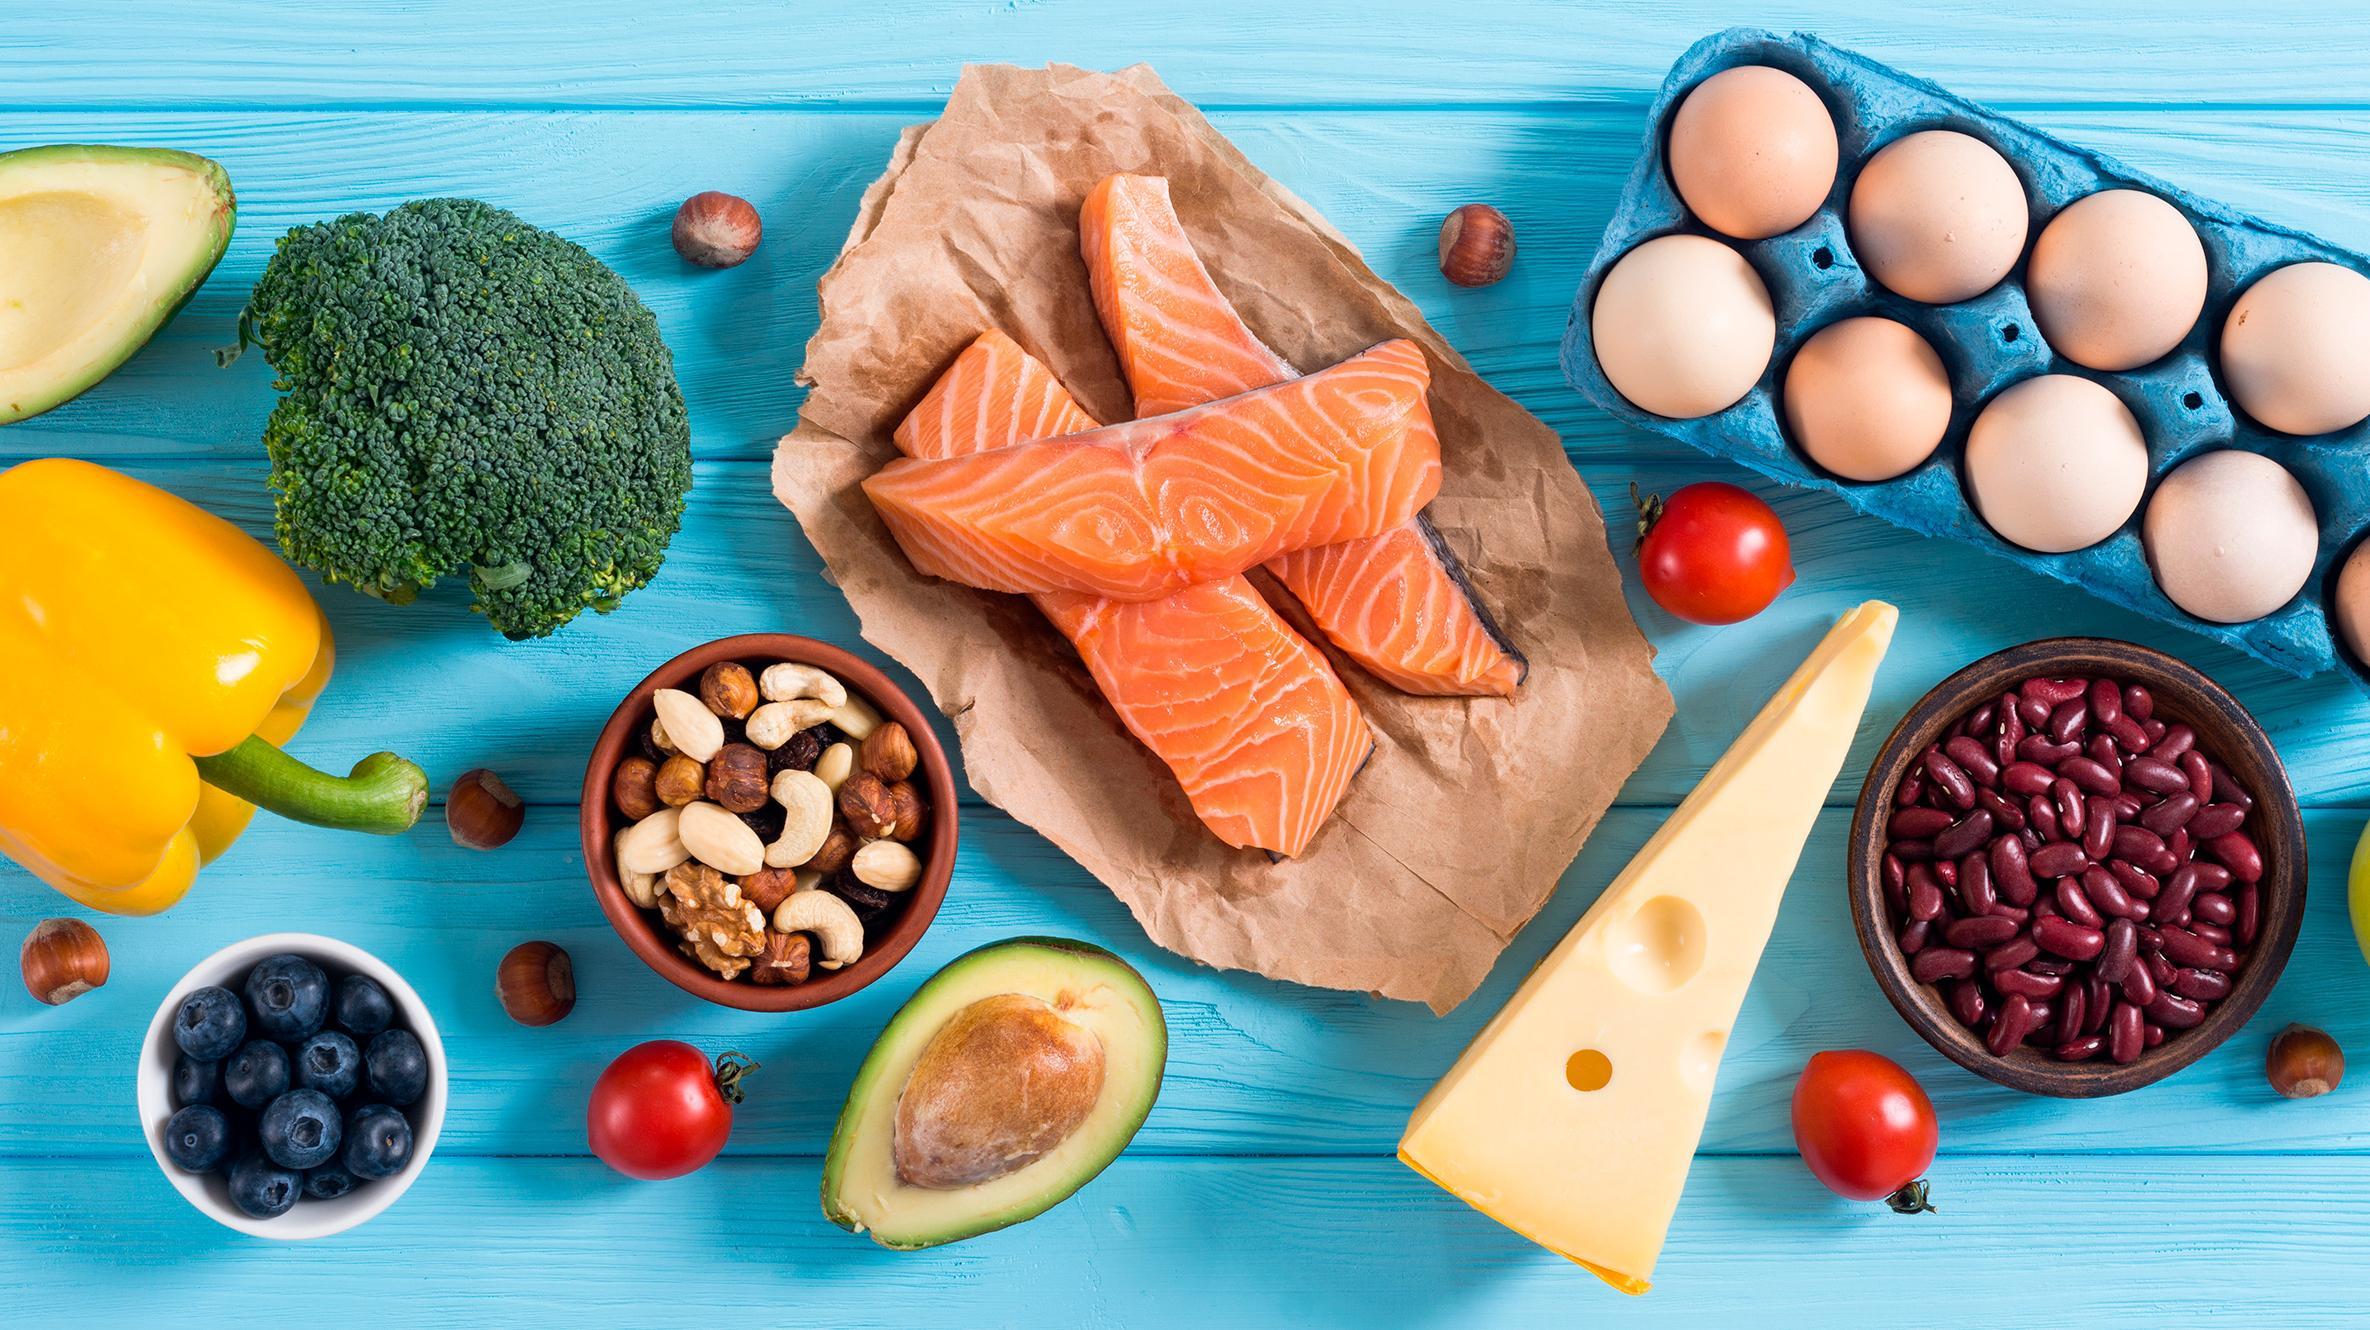 Диета с небольшим содержанием жиров снизила уровень тестостерона у мужчин